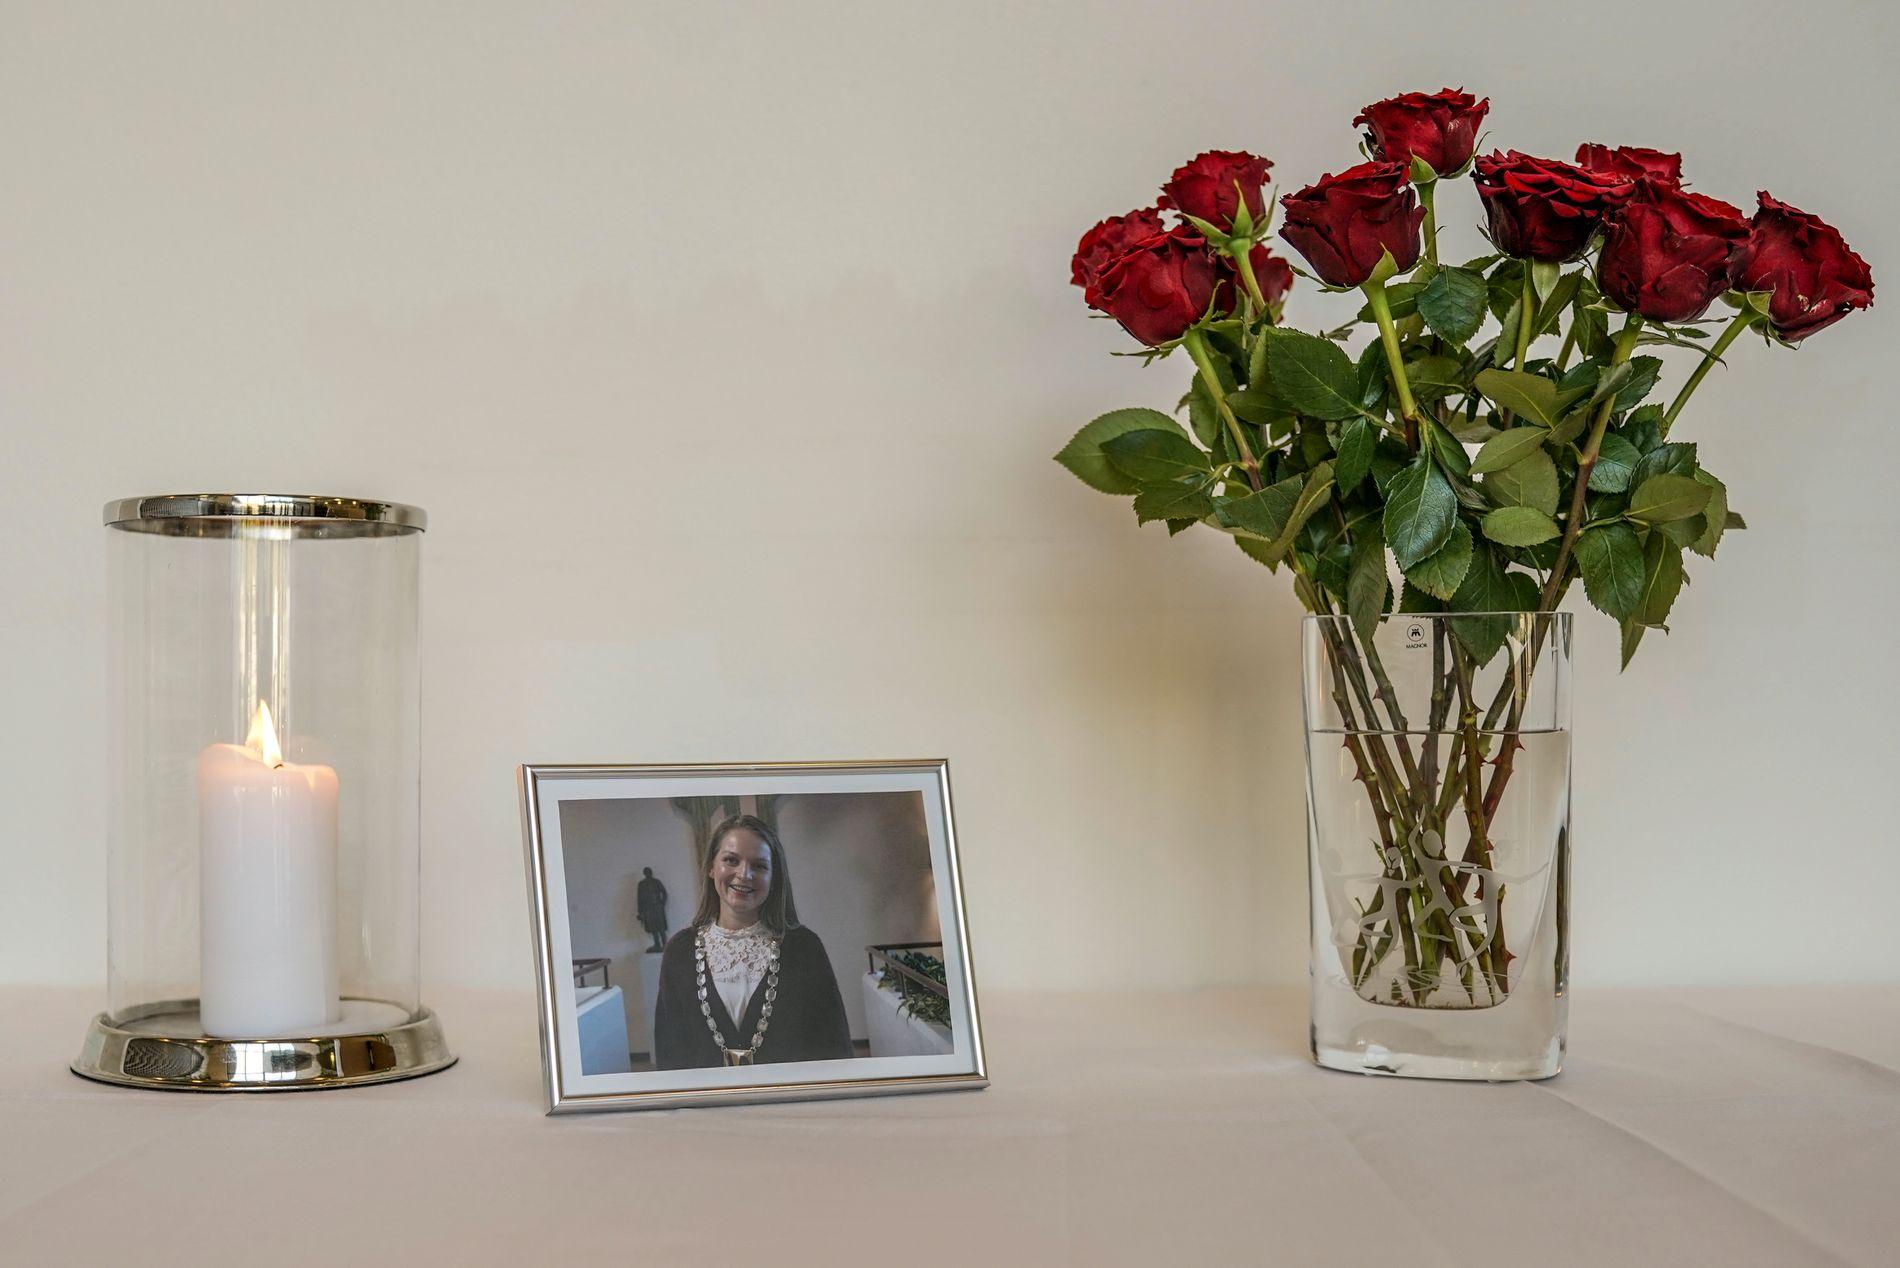 TENT LYS: Ved rådhusets inngang er det satt opp lys, blomster og et bilde av Ingrid Aune. Fredag vil det bli lagt ut en kondolanseprotokoll.